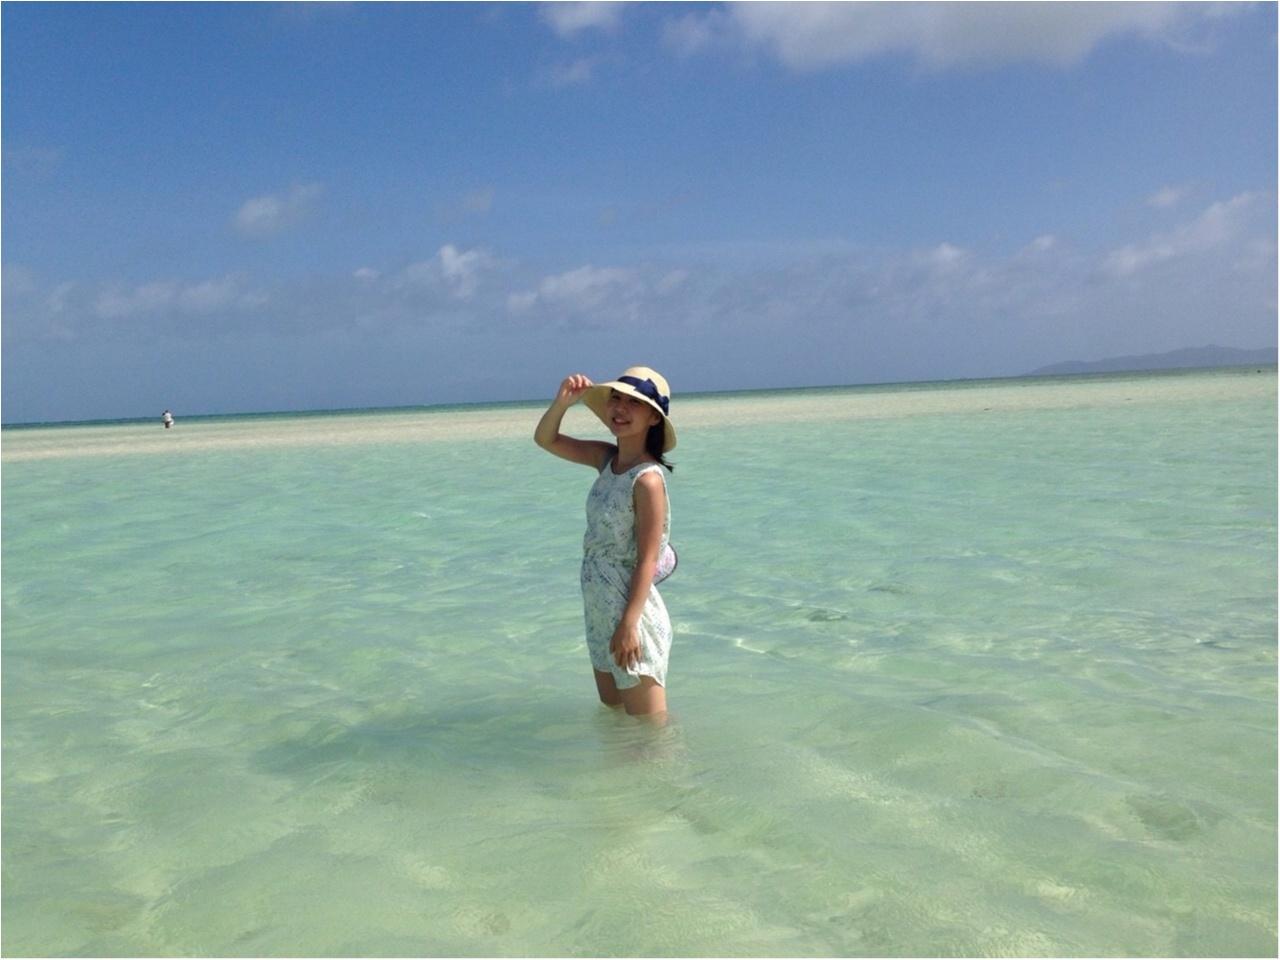 オススメ本【Travel】海?山?世界遺産?旅行好きな方へ。世界一周した気分に、、✨✨夏休みどこいくか決めた??❤️_2